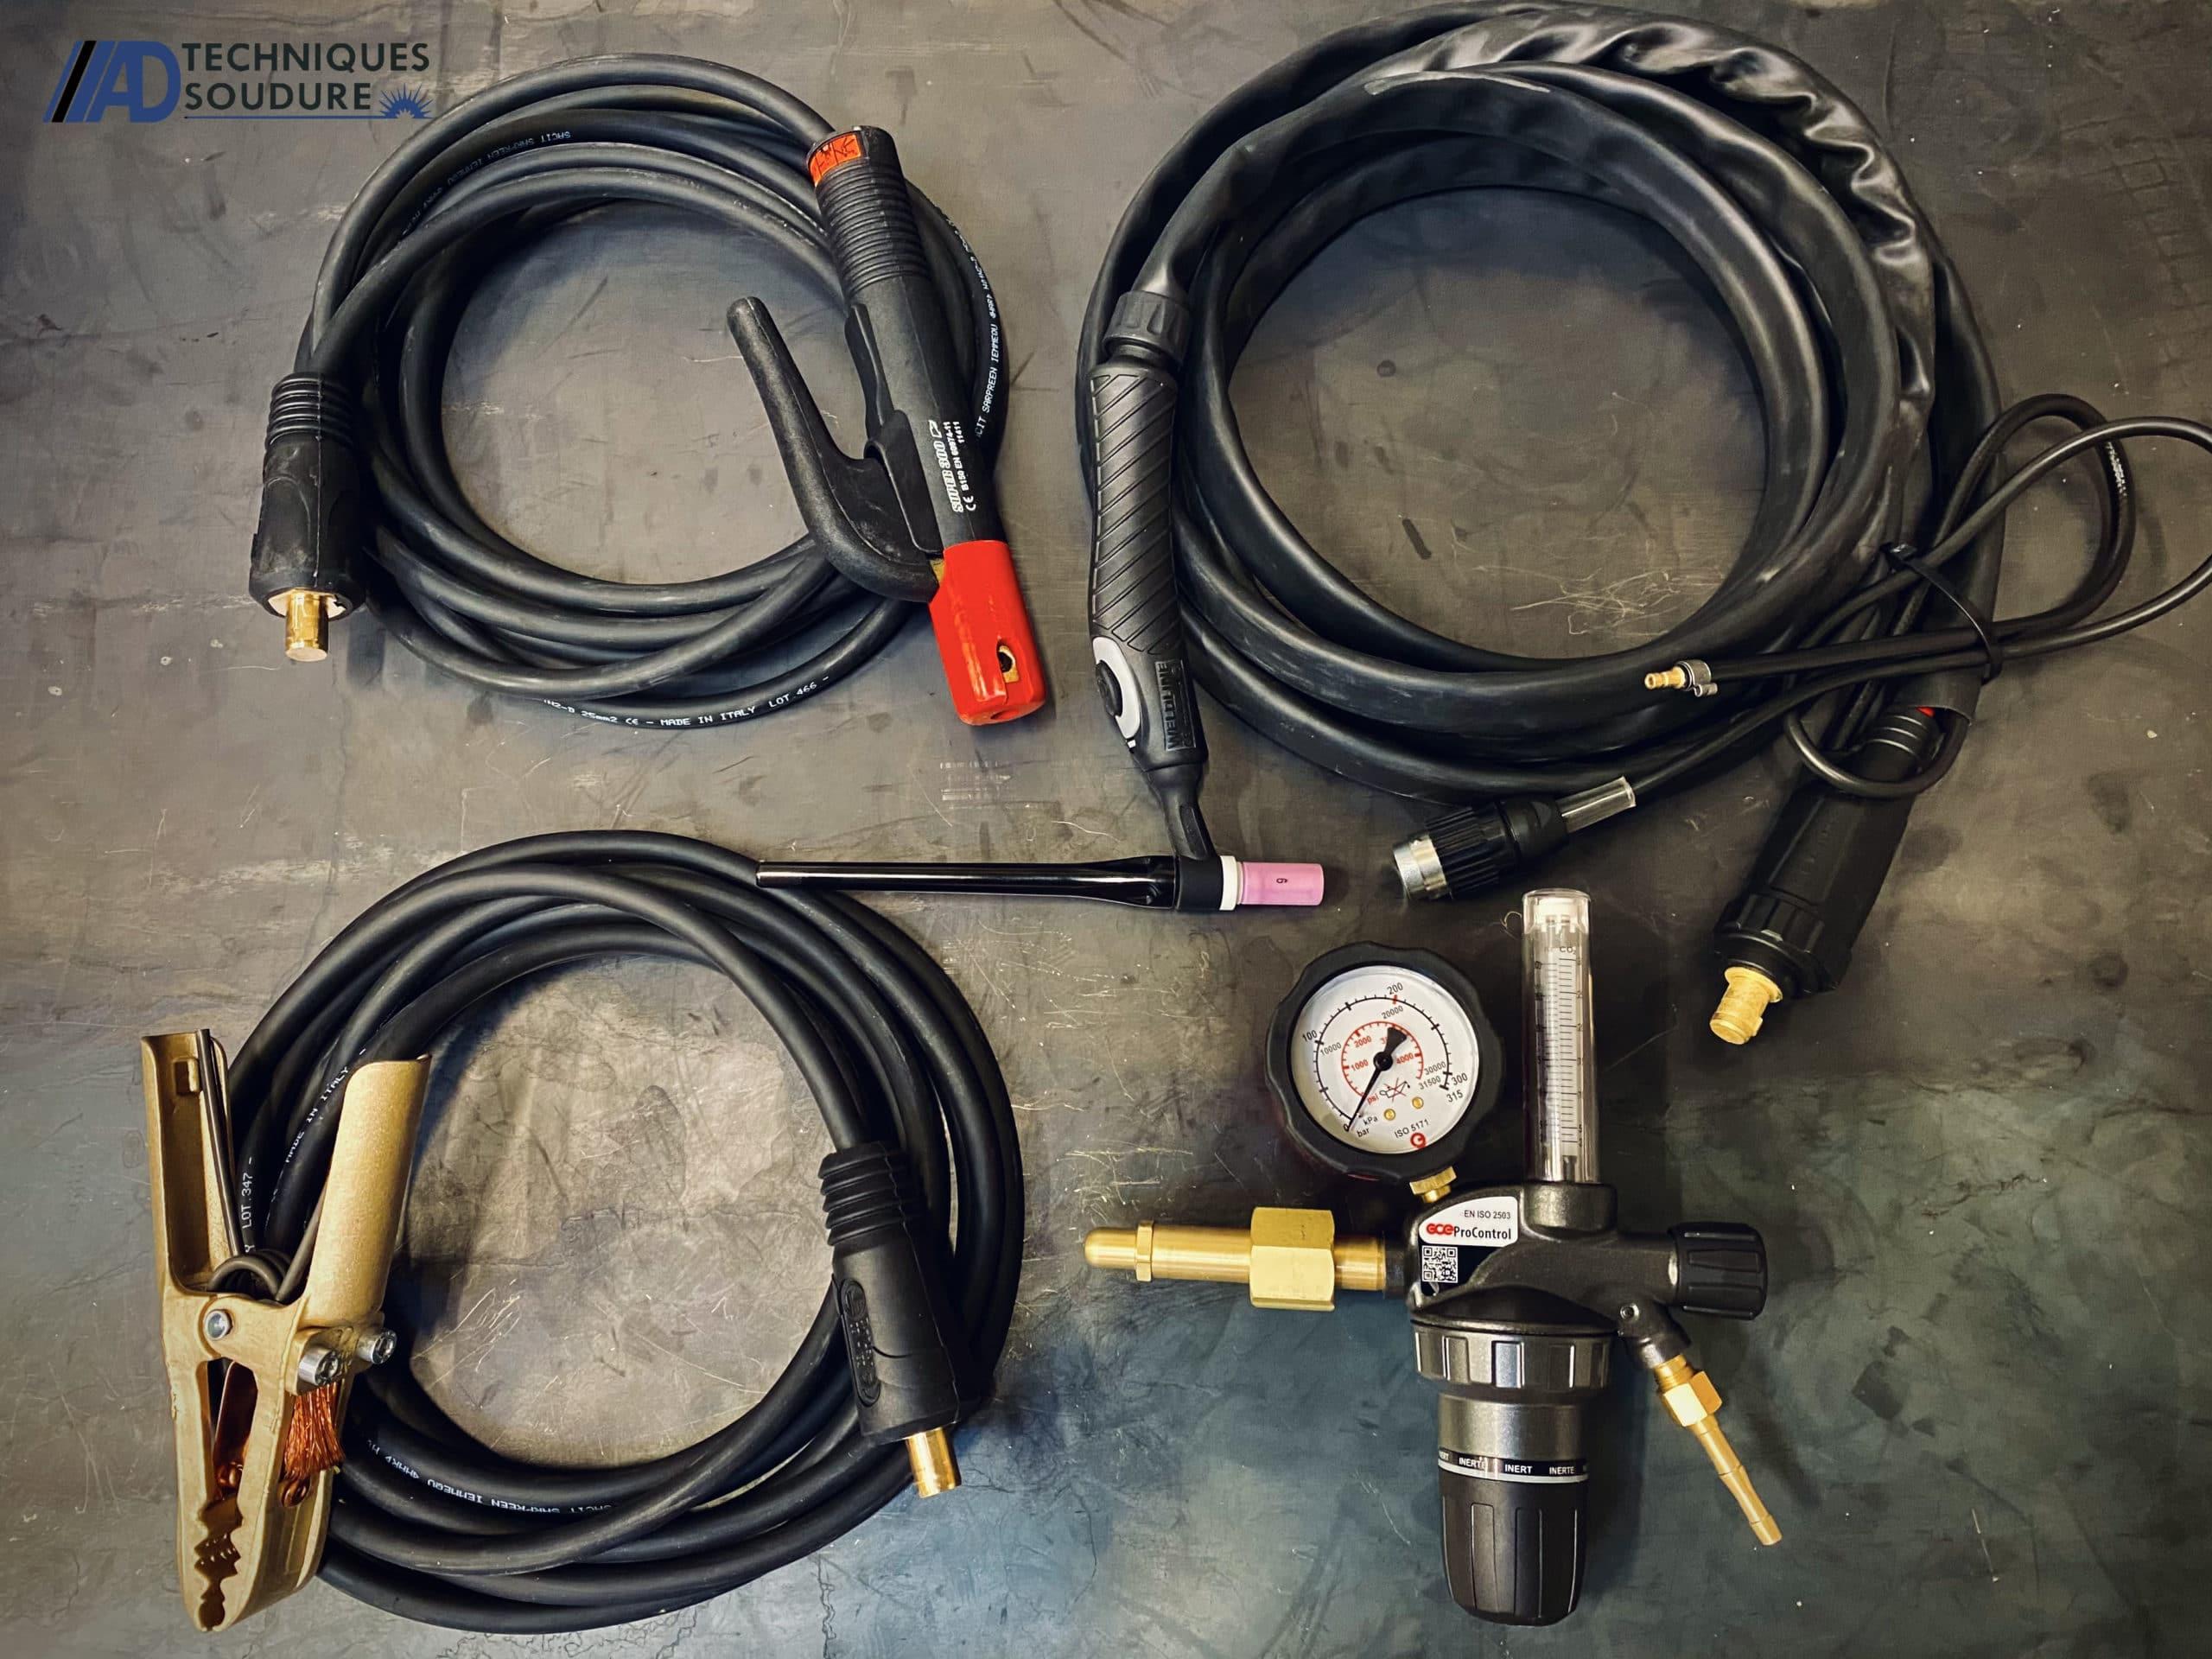 Accessoires poste à souder TIG Invertec 220TPX Lincoln Electric monophasé